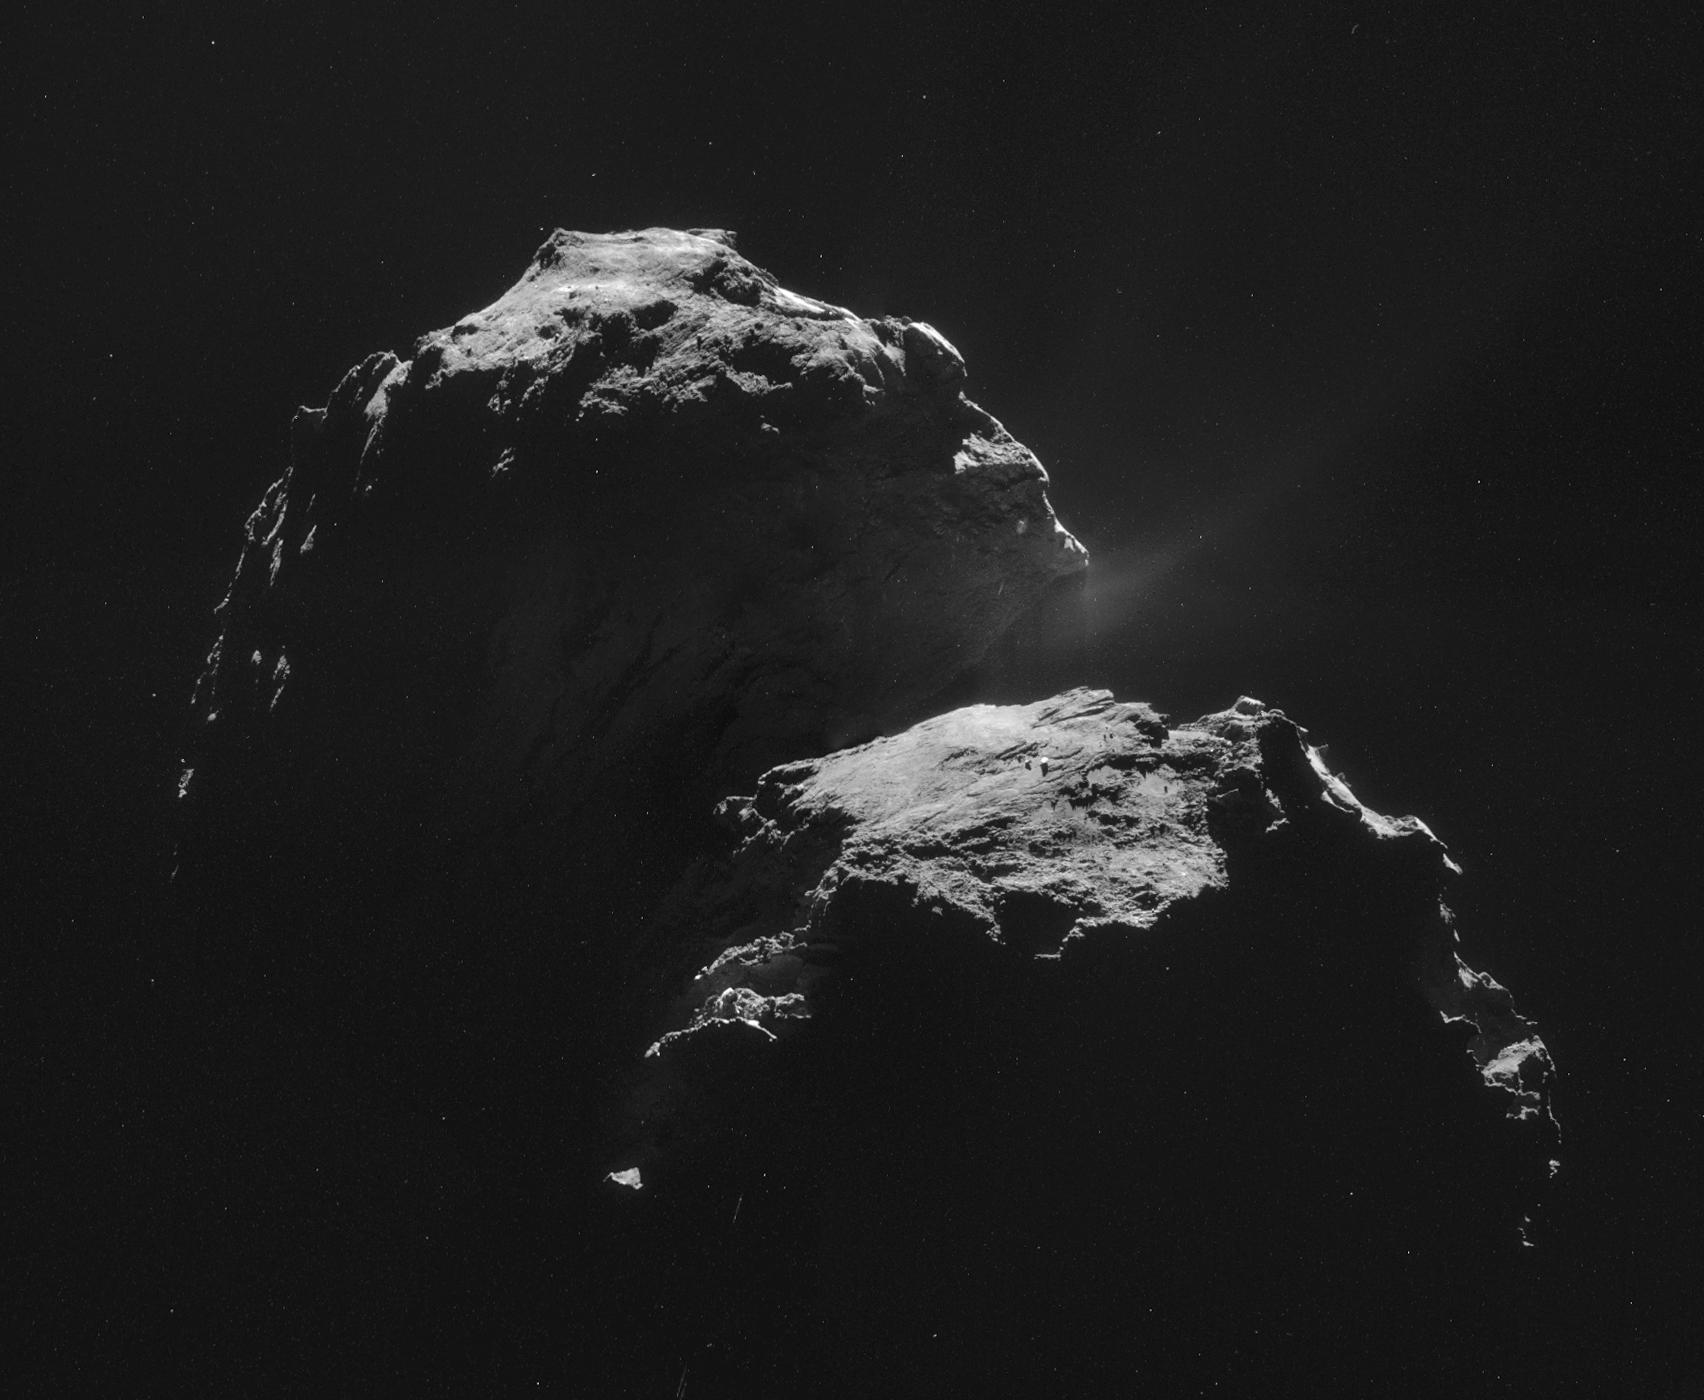 File:Comet 67P on 4 November 2014 NavCam mosaic.jpg